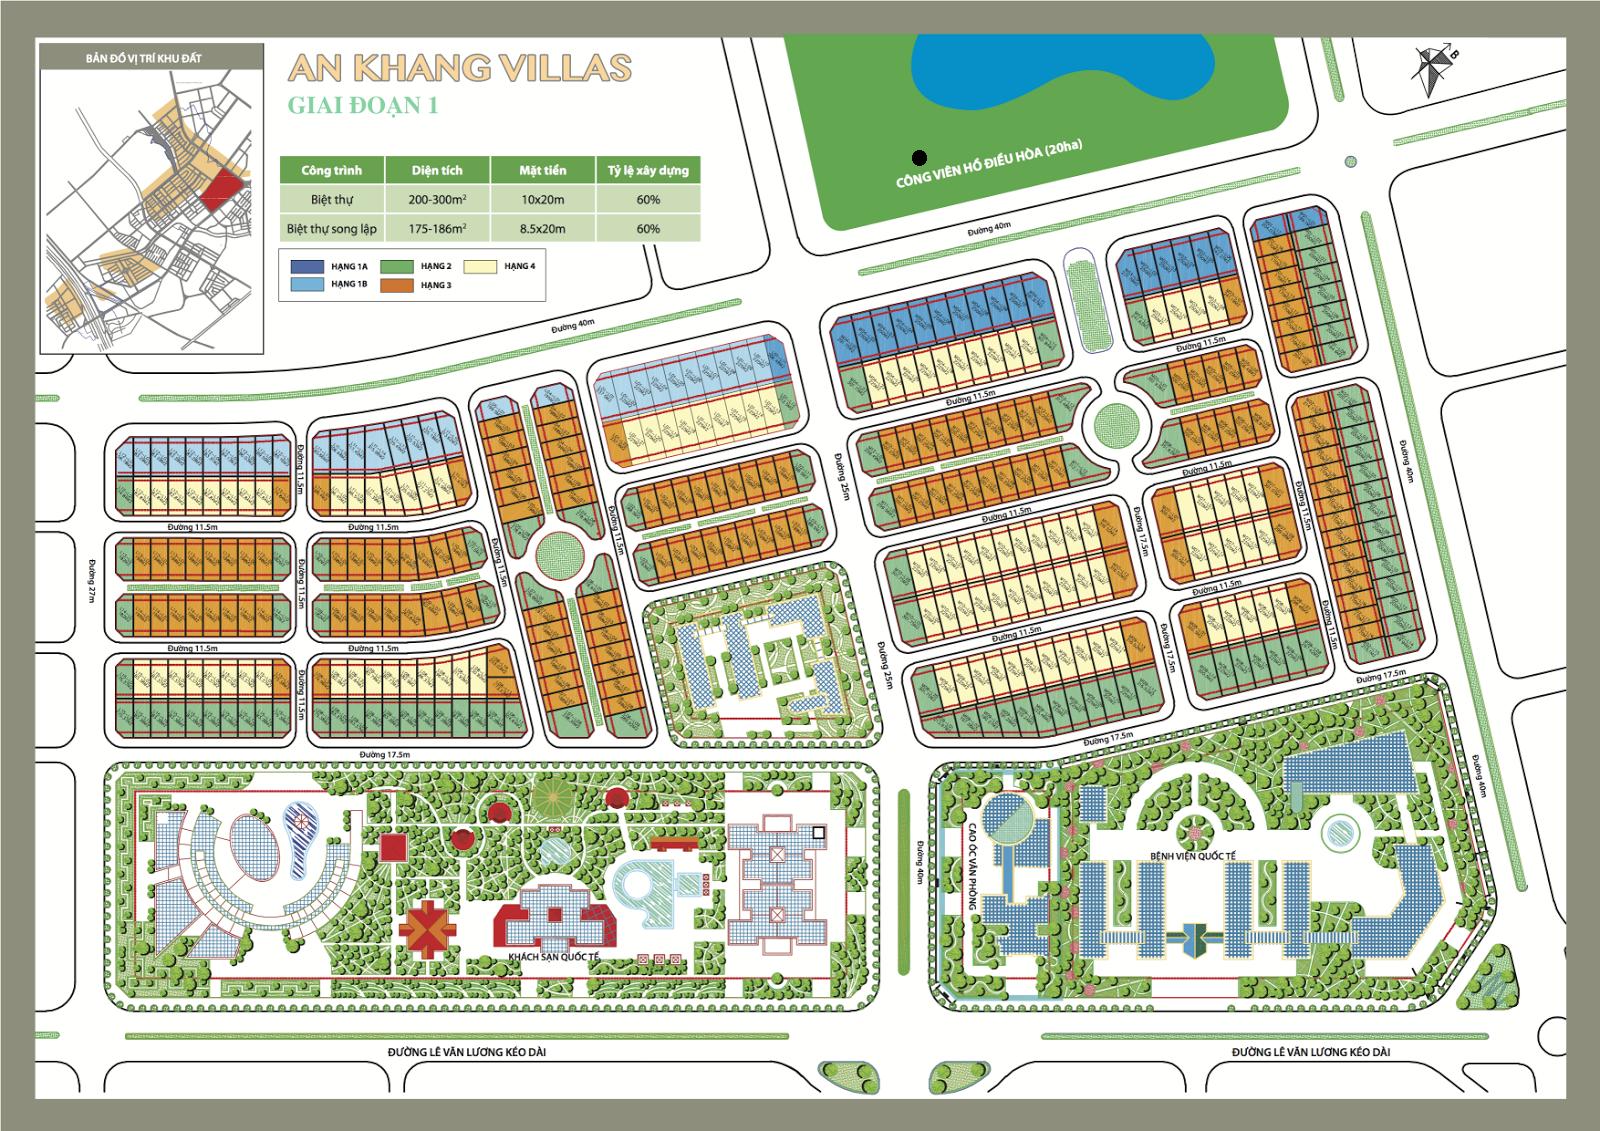 Bản đồ quy hoạch khu biệt thự dương nội khu a